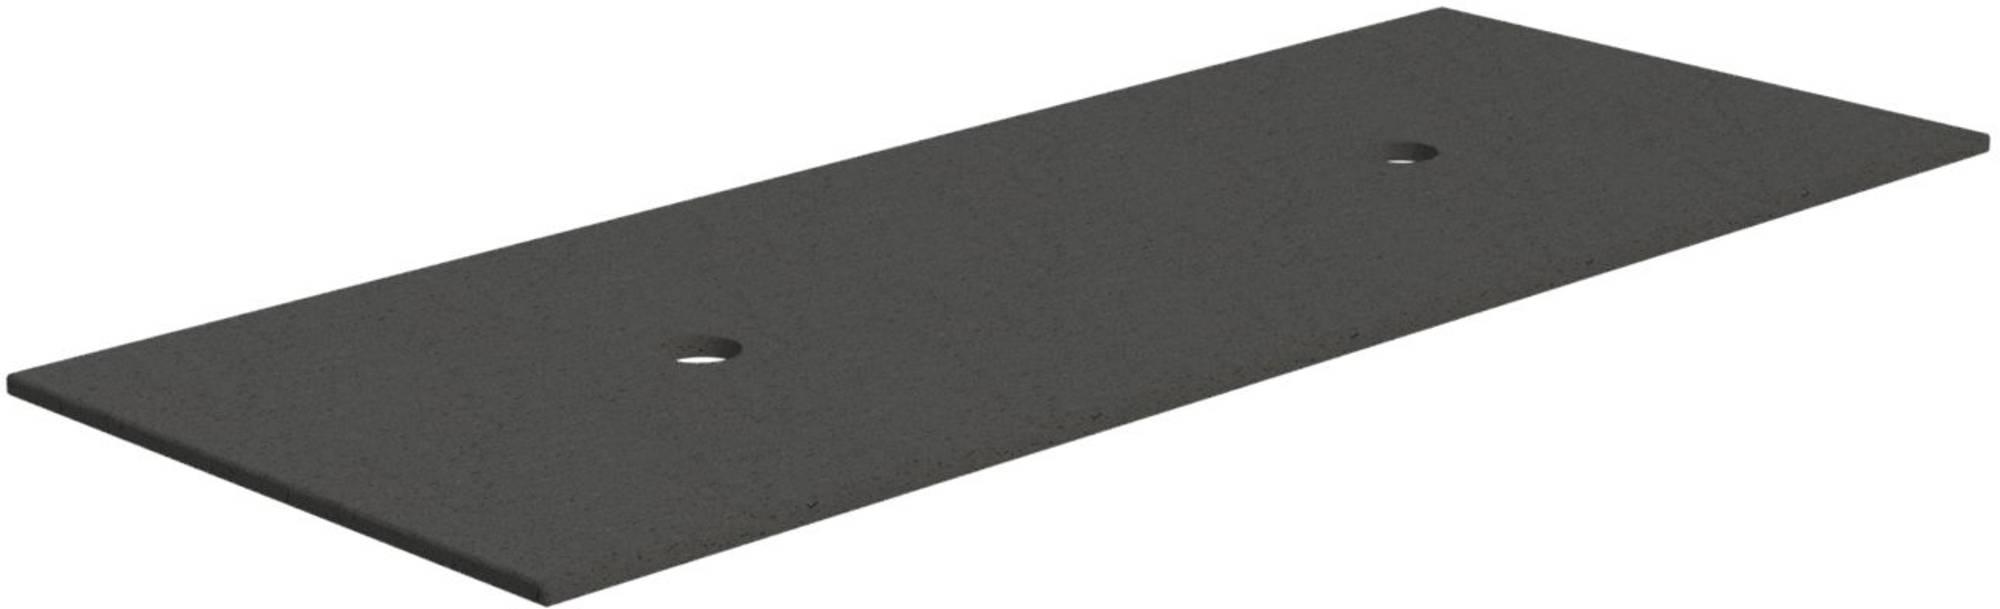 Thebalux Afdekblad Composiet 122x48,5x1,3 cm Cement Grey Grain